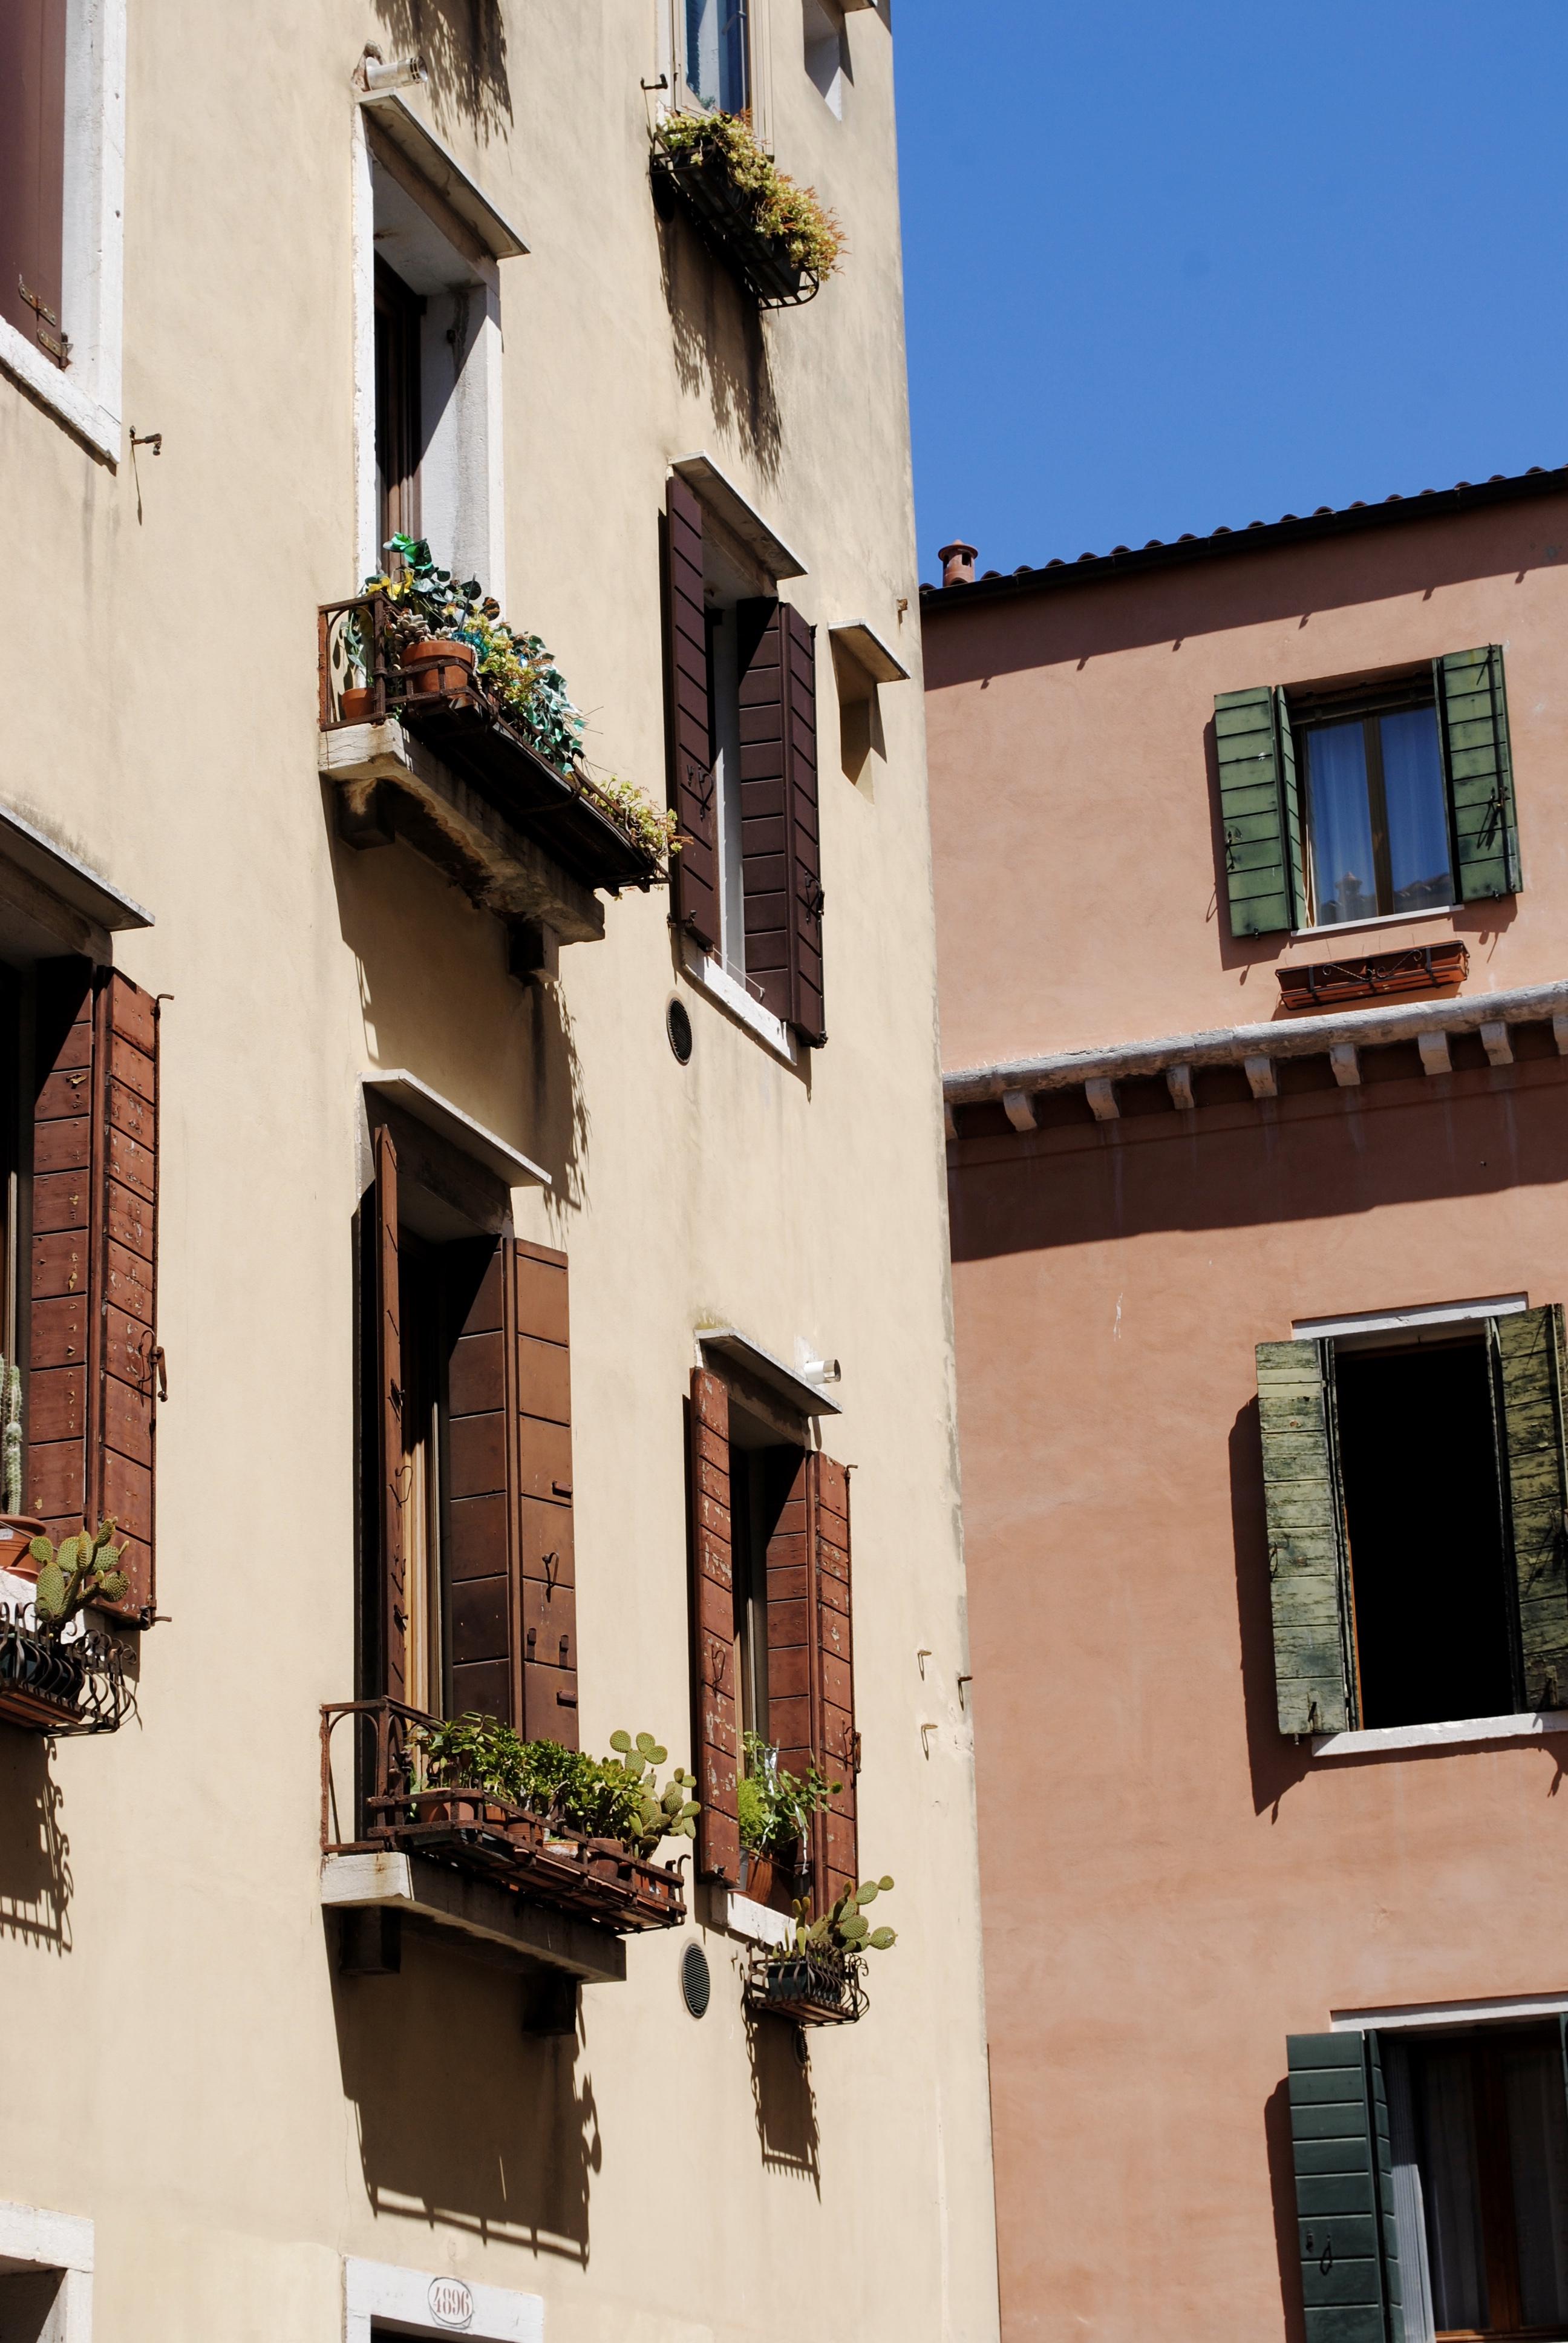 Marianna - buildings